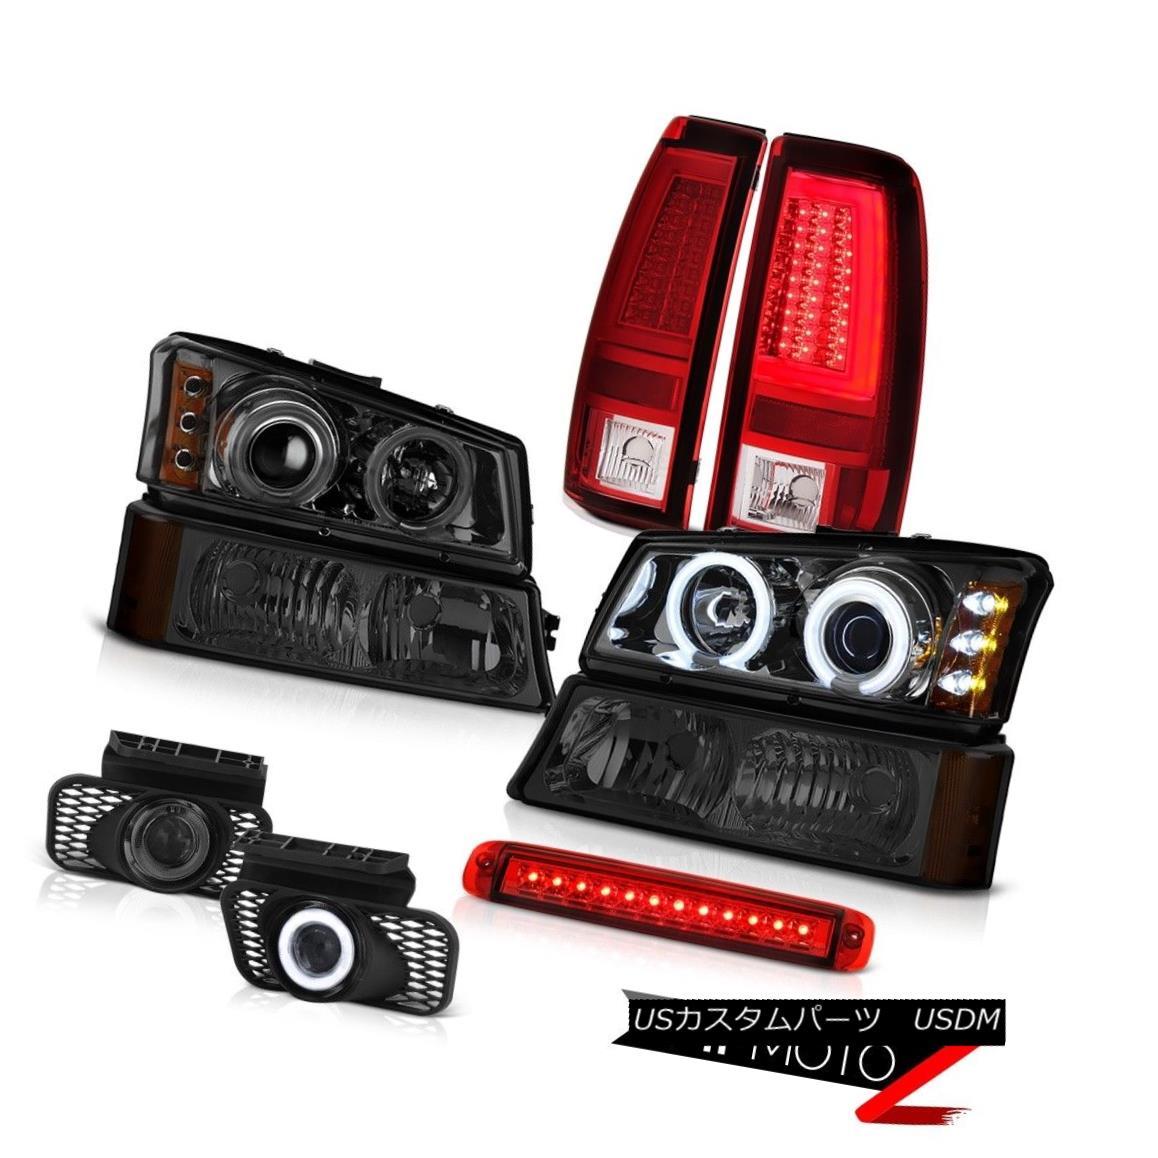 テールライト 03-06 Silverado 2500Hd Red Taillights 3RD Brake Lamp Signal Fog Lamps Headlamps 03-06 Silverado 2500Hd赤い灯台3RDブレーキランプ信号フォグランプヘッドランプ